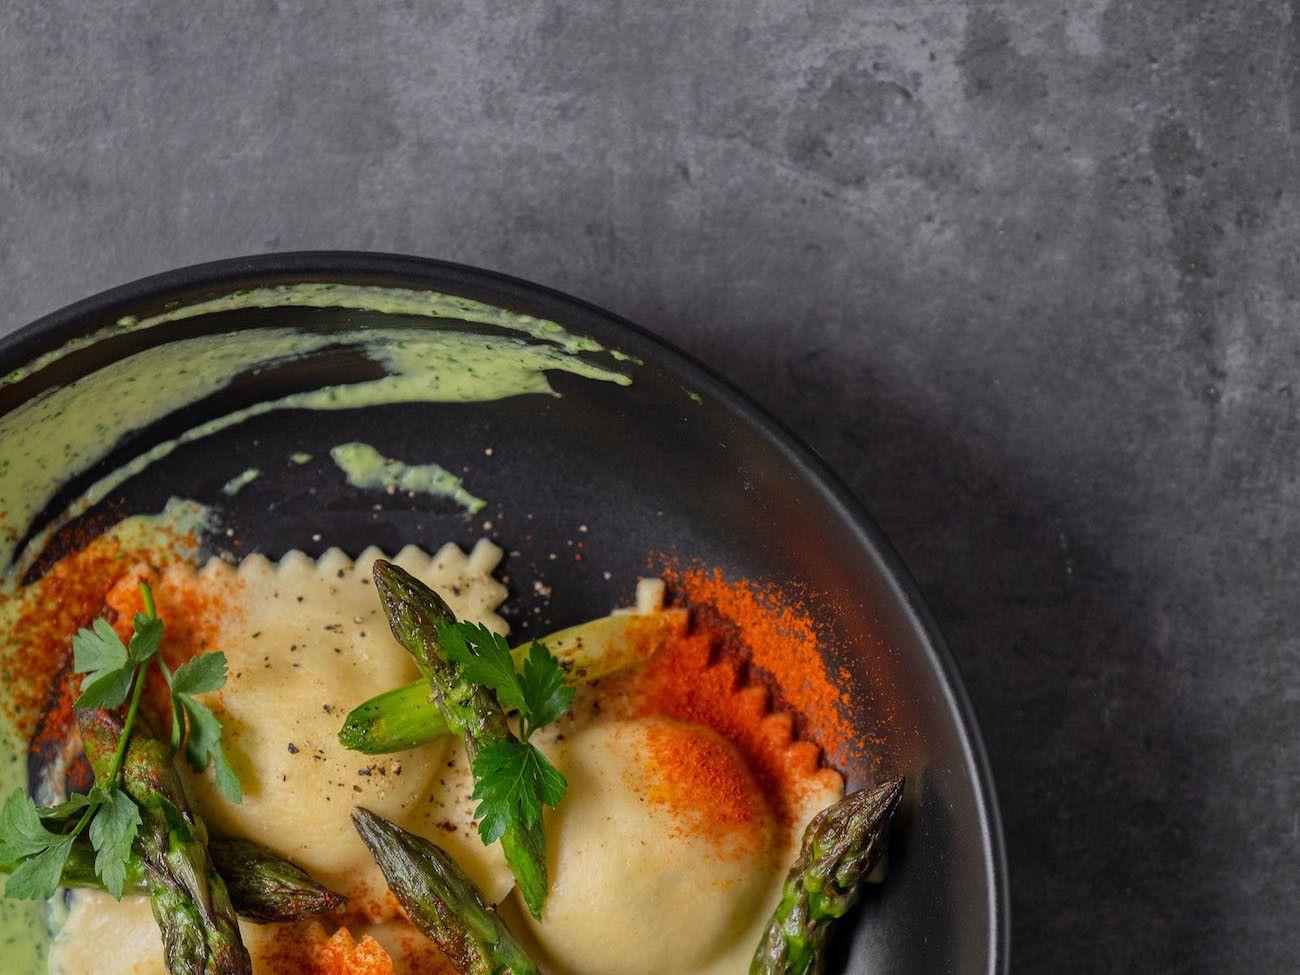 Foodblog, About Fuel, Rezept, Lachsravioli auf Spargel-Kräuter-Mayonnaise und Spargelspitzen, Teller, Pasta, Petersilie